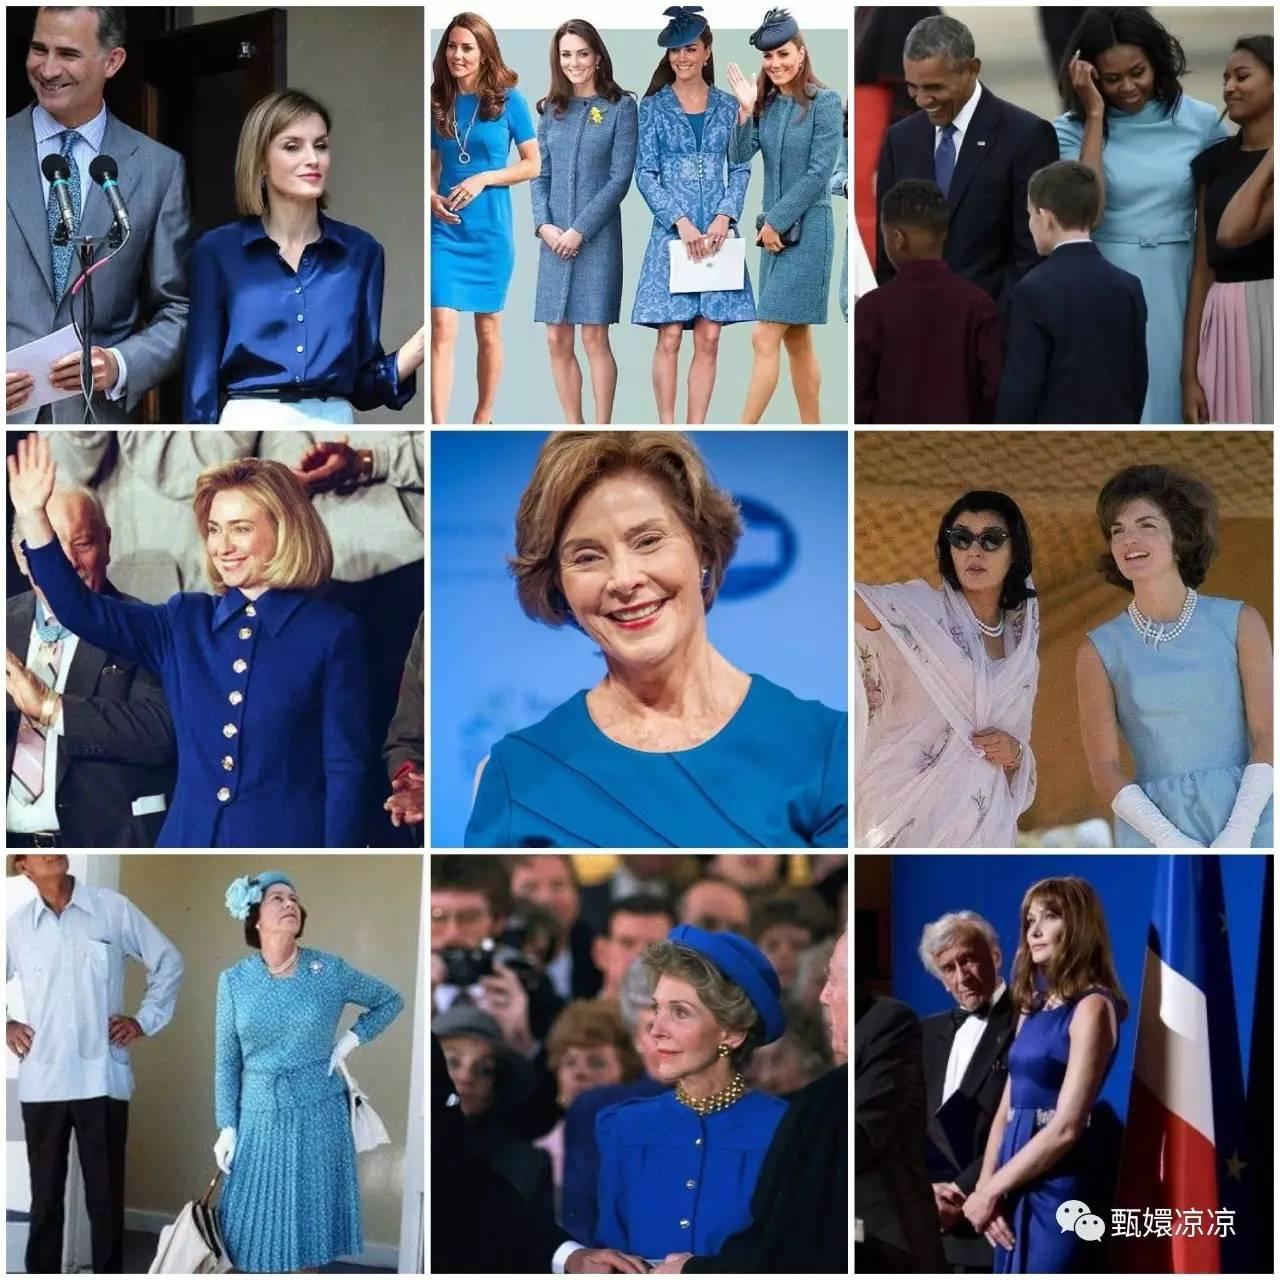 马克龙夫人出身巧克力名门世家, 相差24岁师生恋, 法国总统情史无一不是惊世骇俗